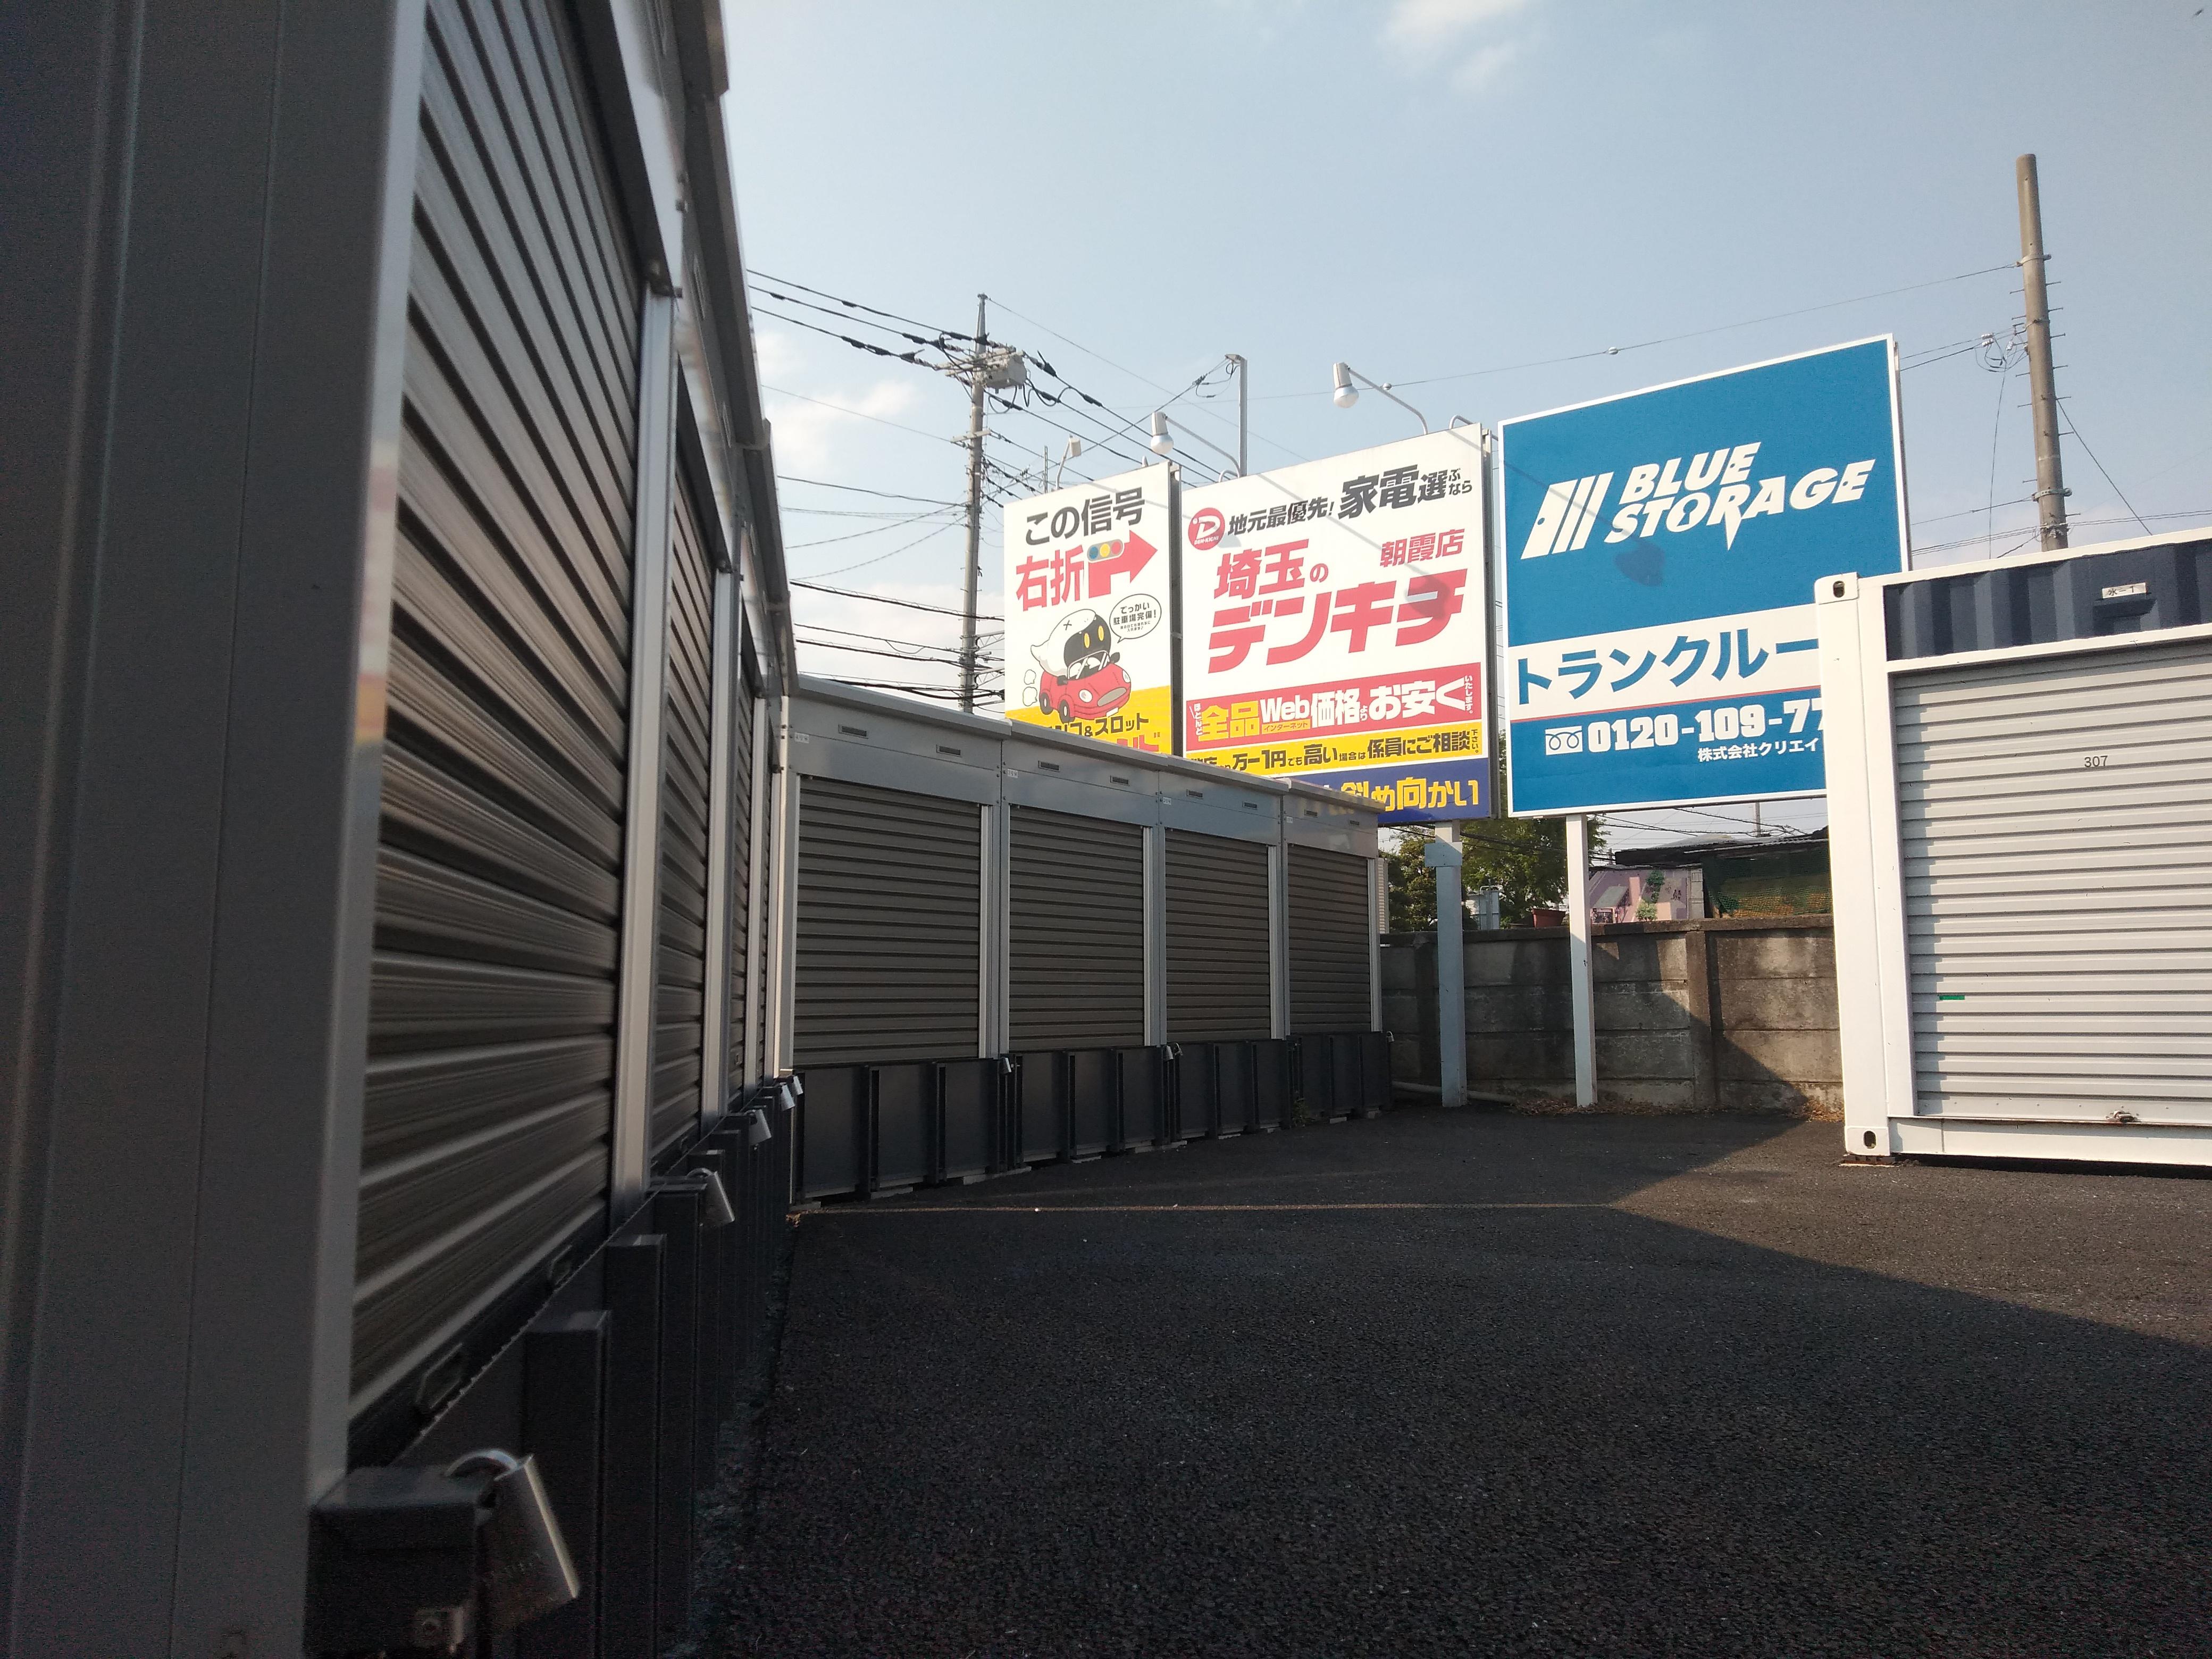 バイクストレージ朝霞市泉水P1の物件外観